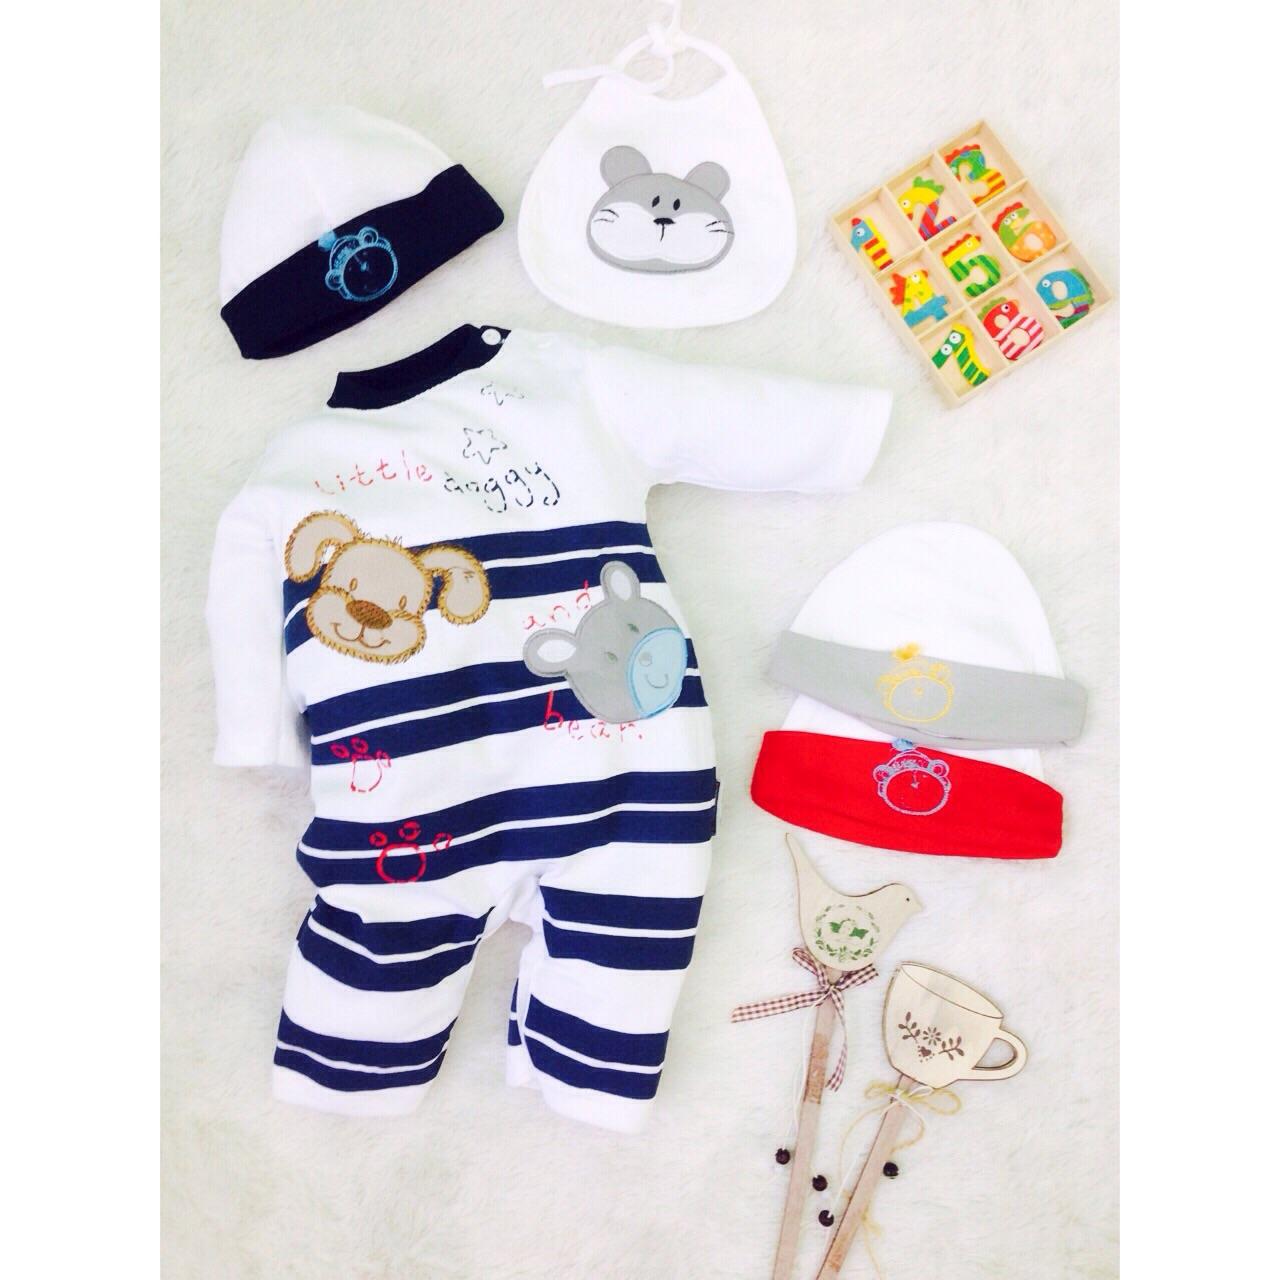 Baju Bayi Lucu Murah Di Wonogiri Jawa Baju Bayi Lucu Murah Di Wonogiri Jawa